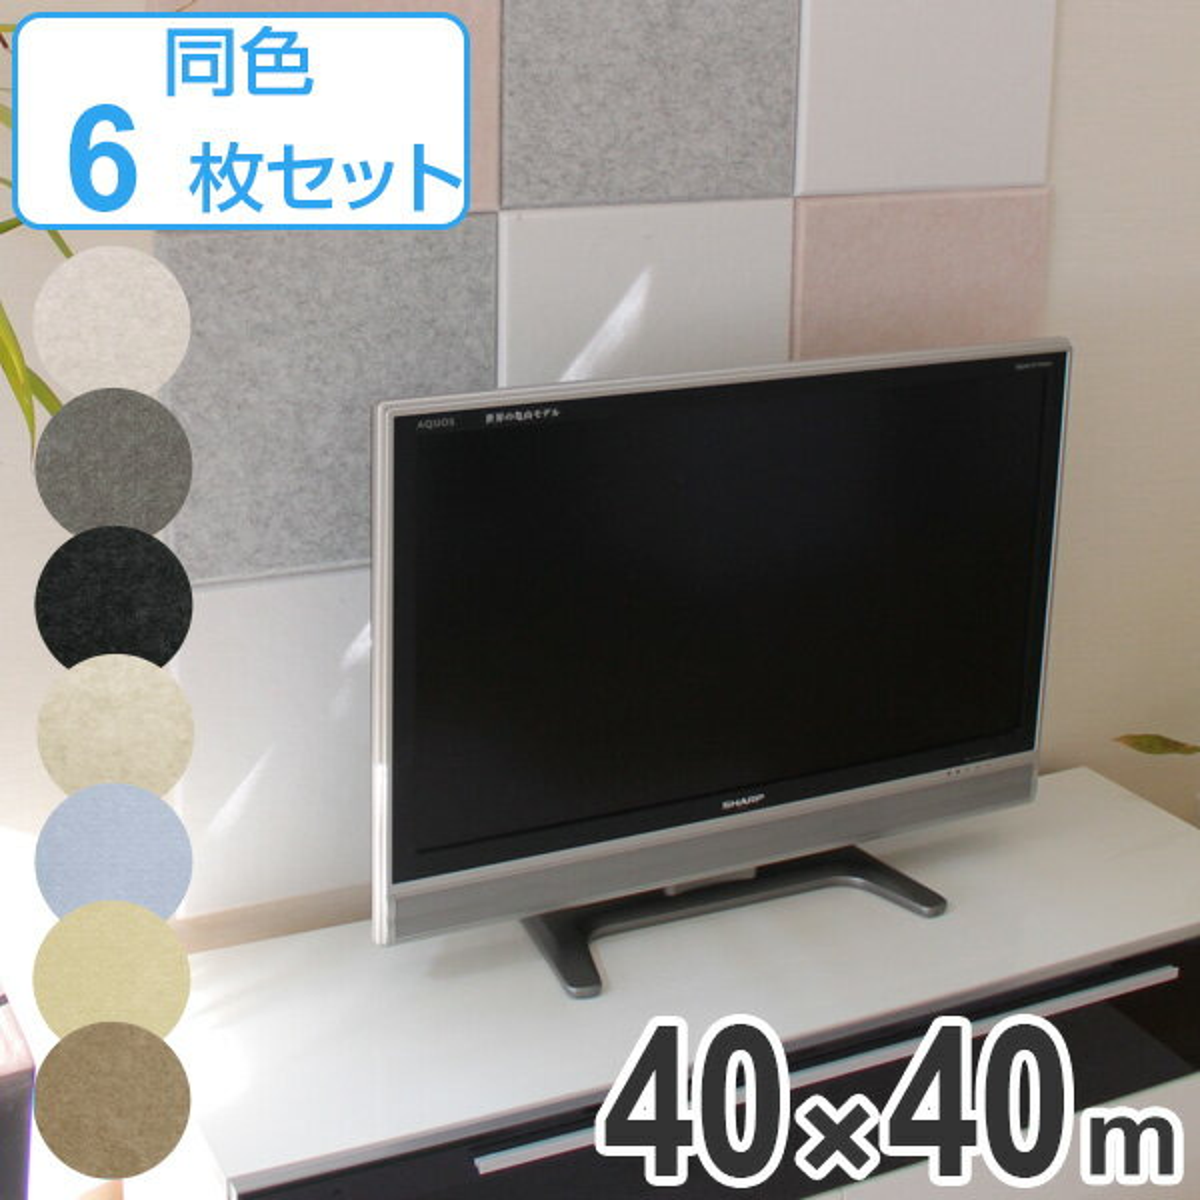 吸音パネル フェルメノン 40x40cm 45度カットタイプ 6枚セット ( 送料無料 防音 吸音 パネル ボード 防音材 吸音材 騒音対策 インテリア 壁 フェルト シート )